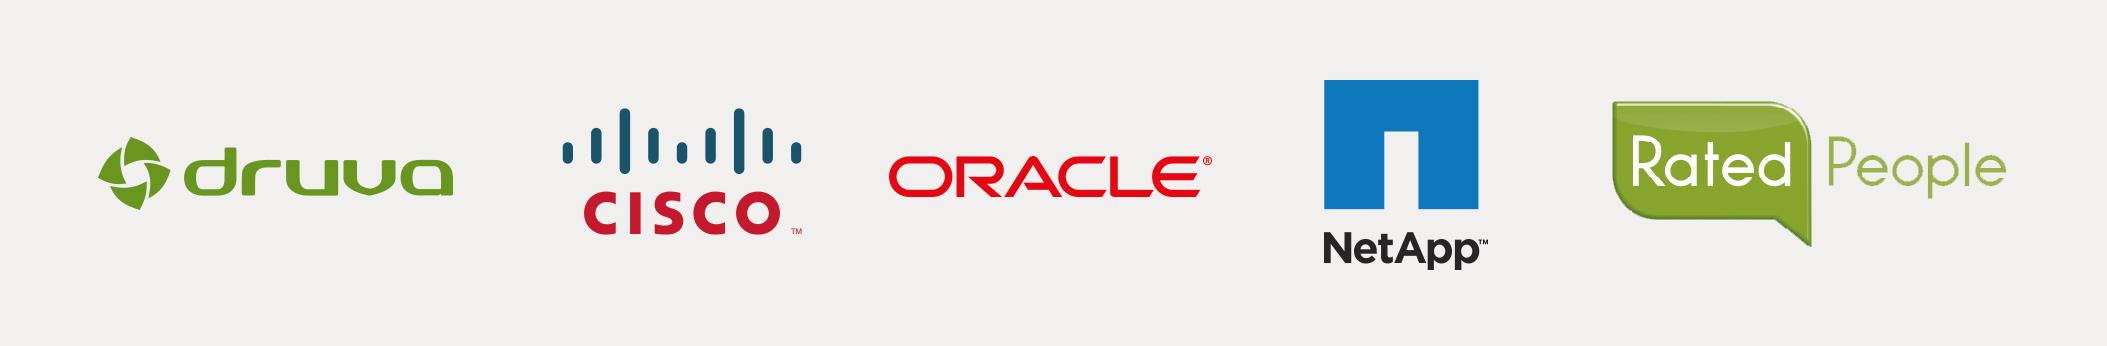 Druva, Oracle, NetApp, Rated People